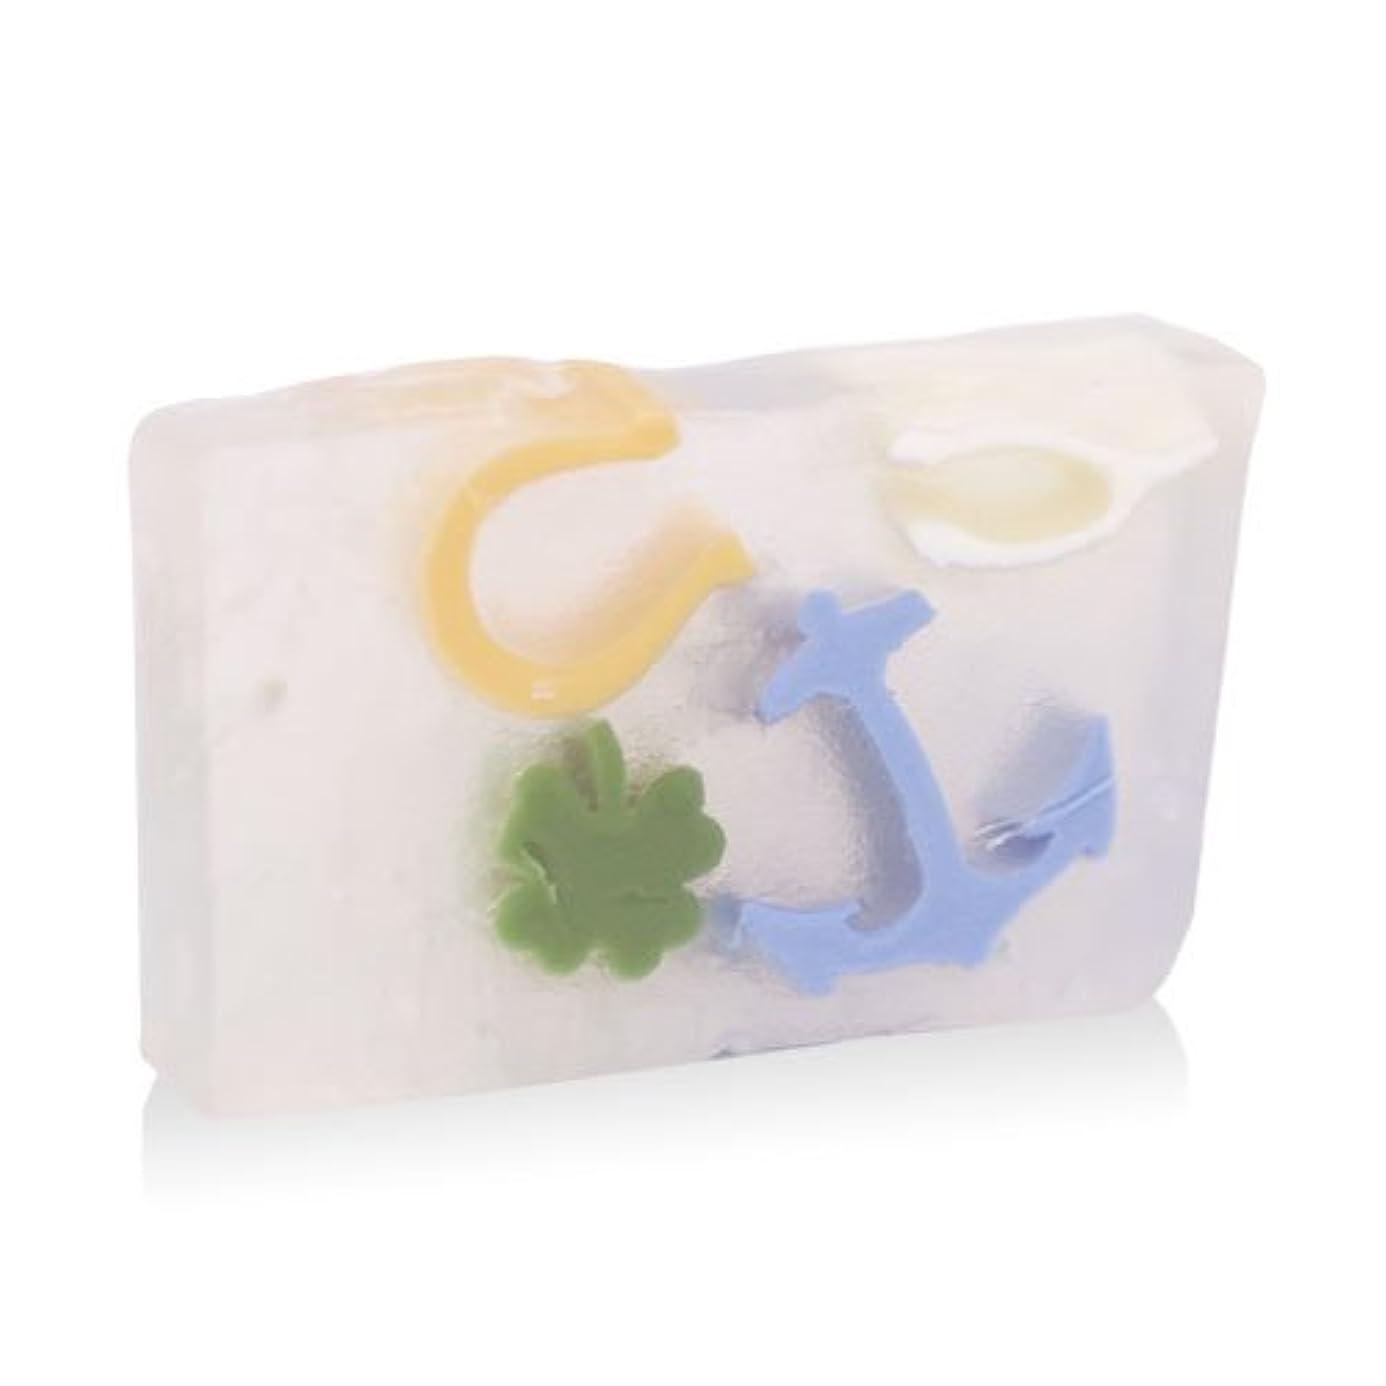 メーカー詳細な気分プライモールエレメンツ アロマティック ソープ グッドラックチャーム 180g 植物性 ナチュラル 石鹸 無添加